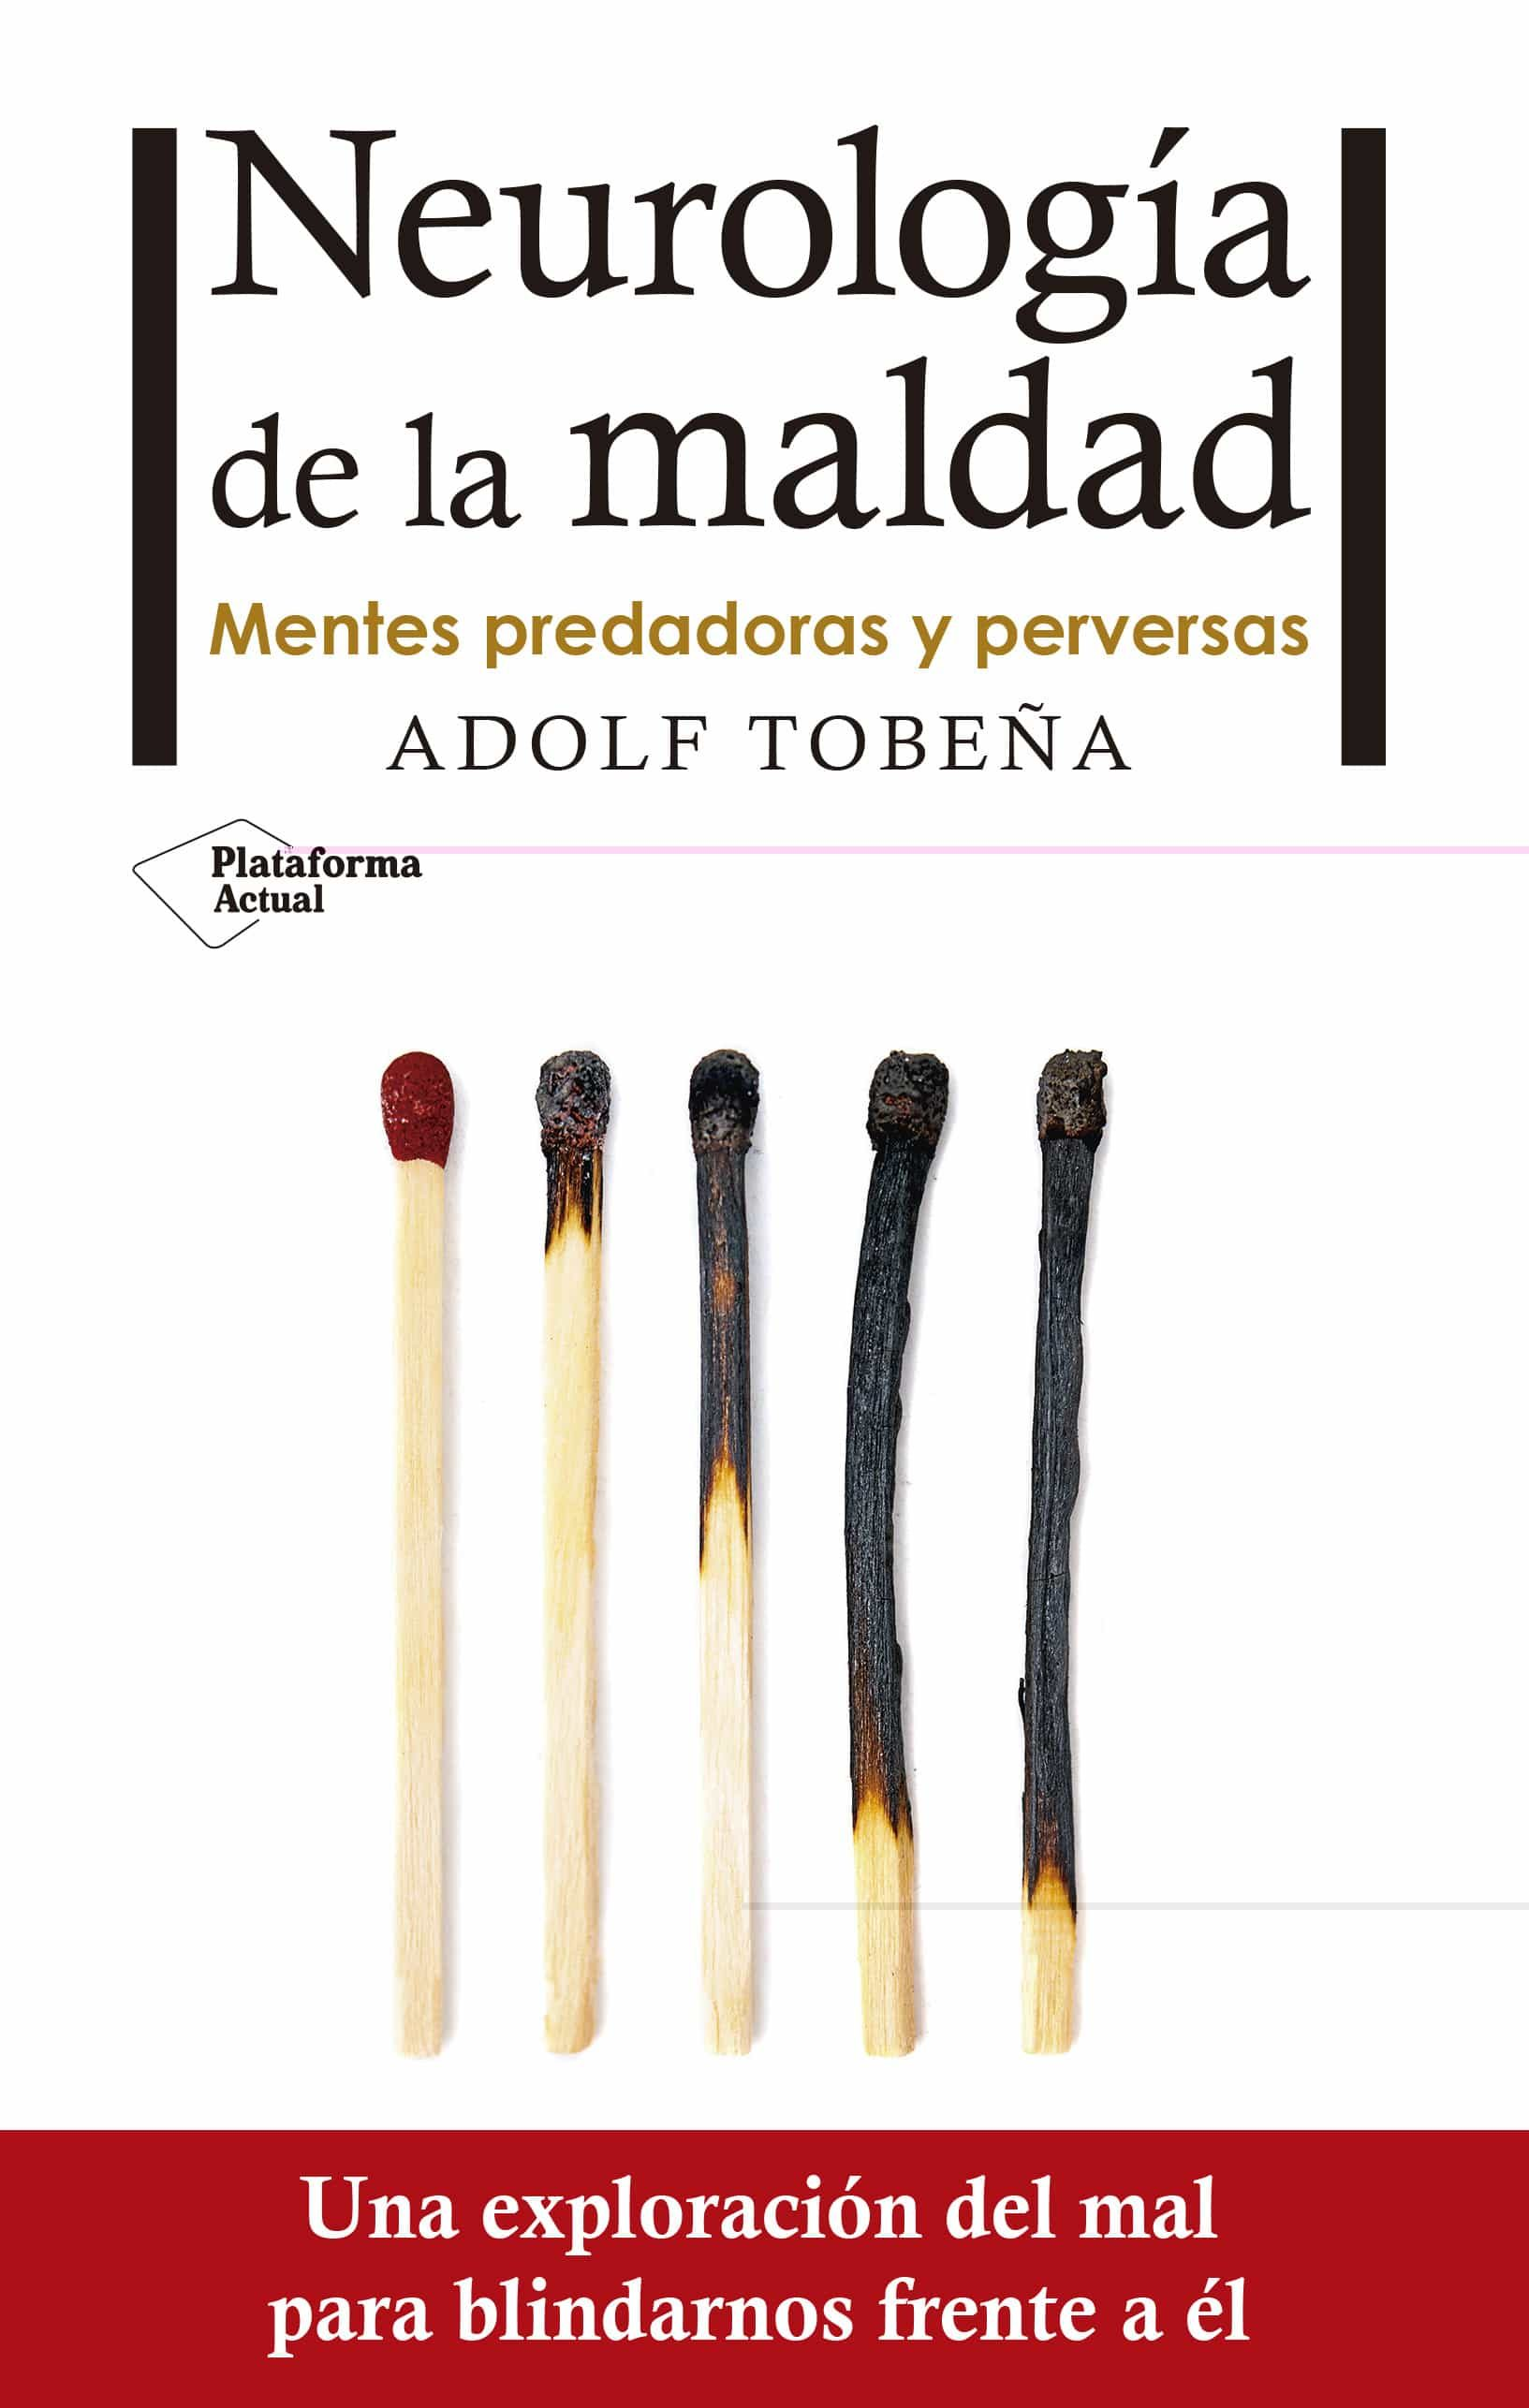 NEUROLOGIA DE LA MALDAD   ADOLF TOBEÑA   Comprar libro 9788416820672